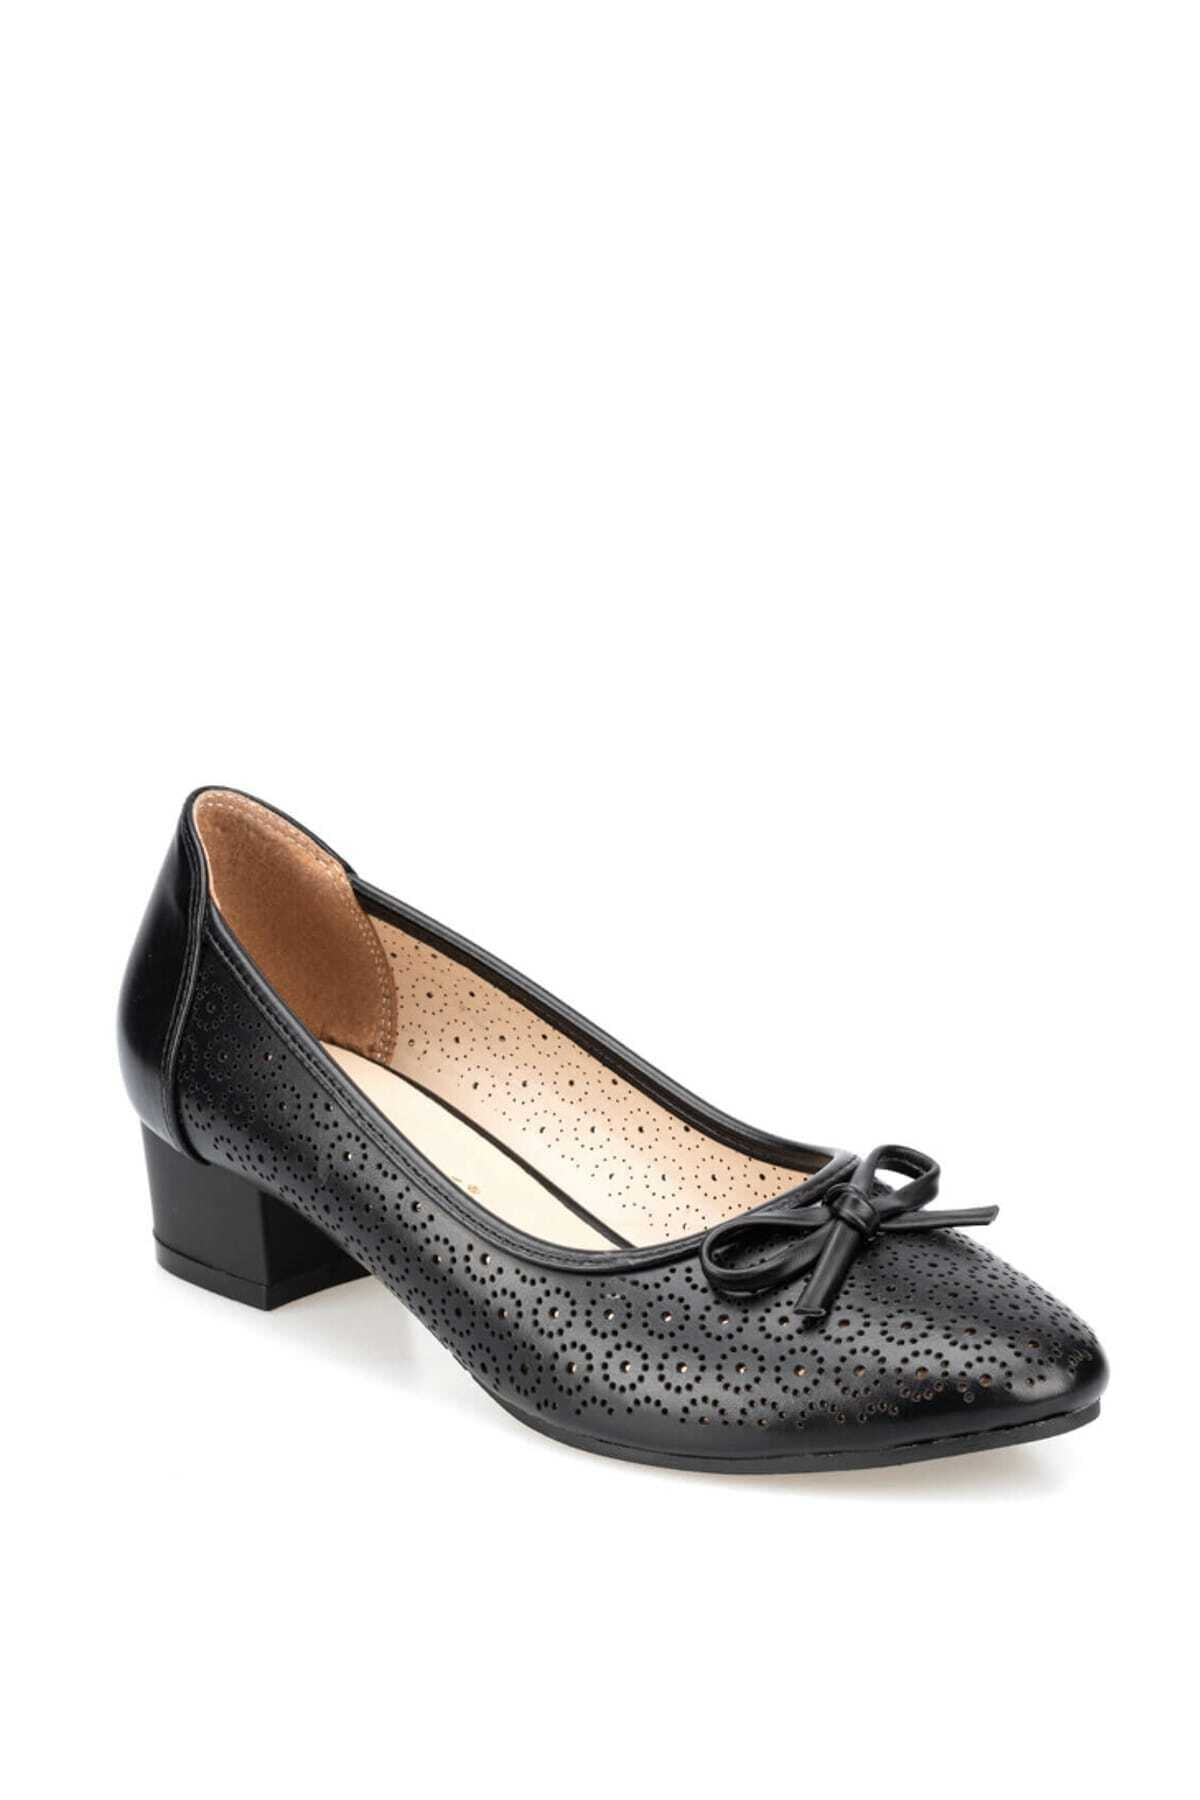 91.150712.Z Siyah Kadın Ayakkabı 100375024